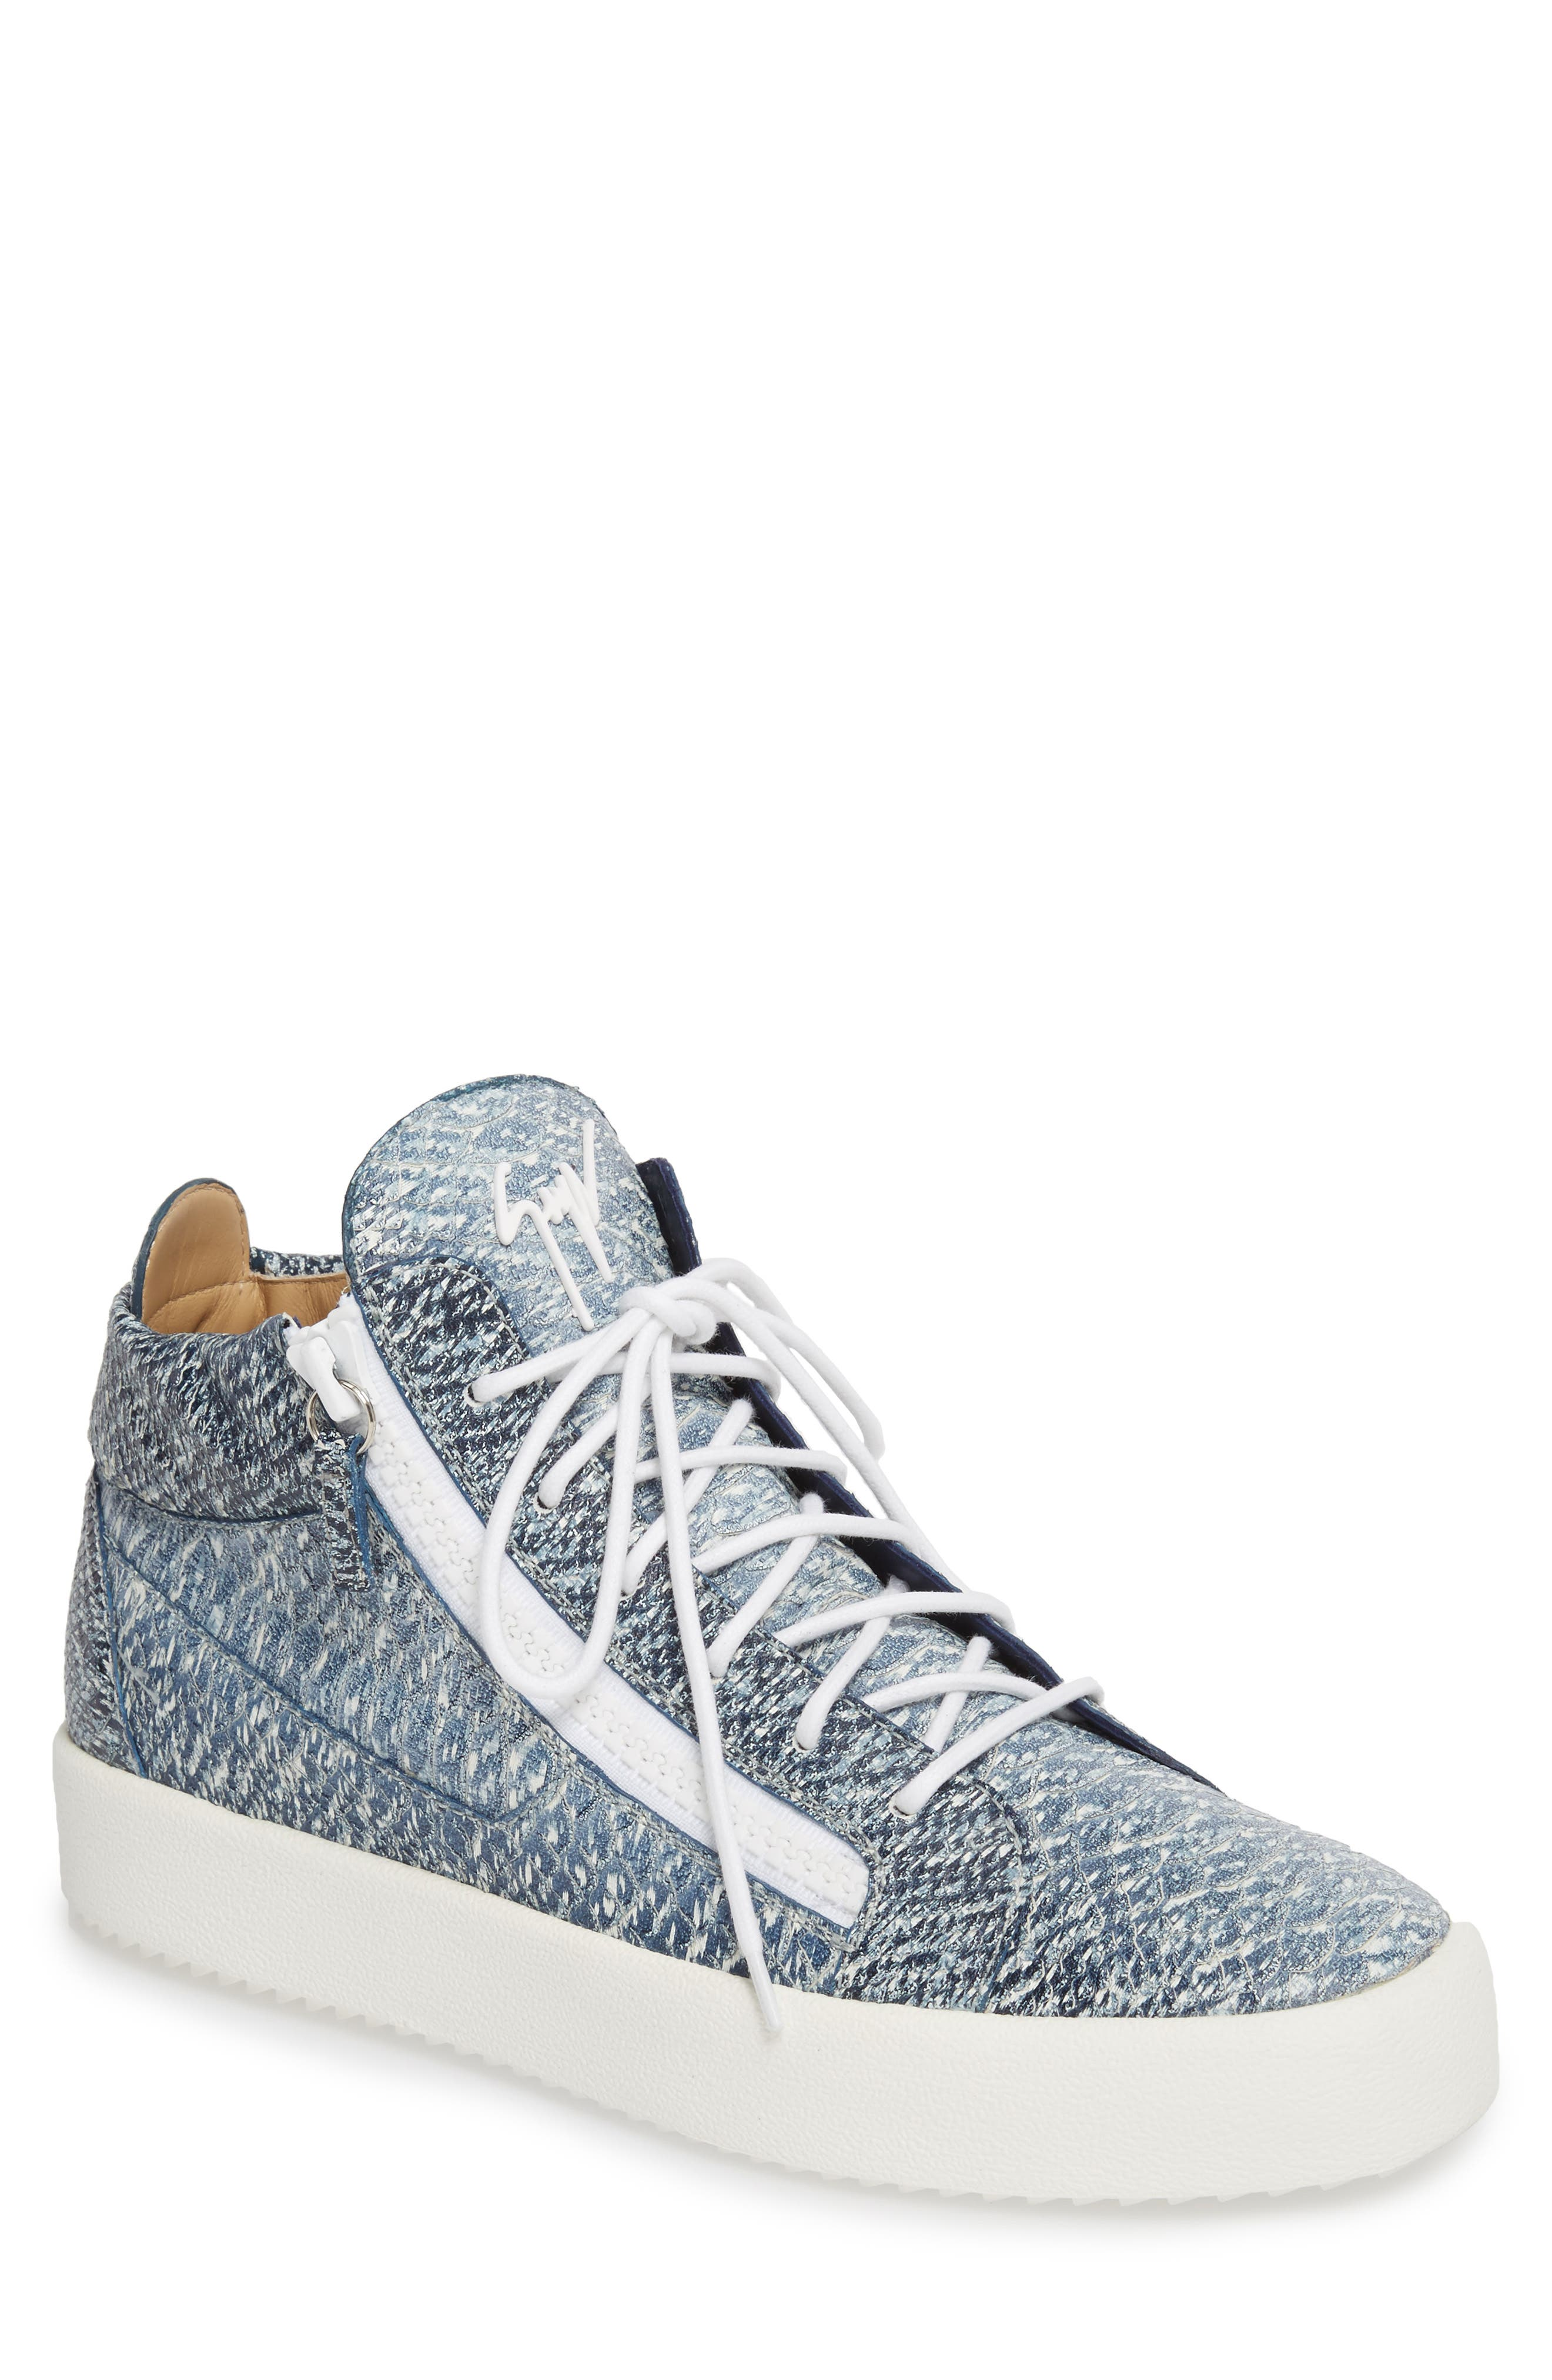 Snake Embossed Sneaker,                         Main,                         color, Denim Blue Snake